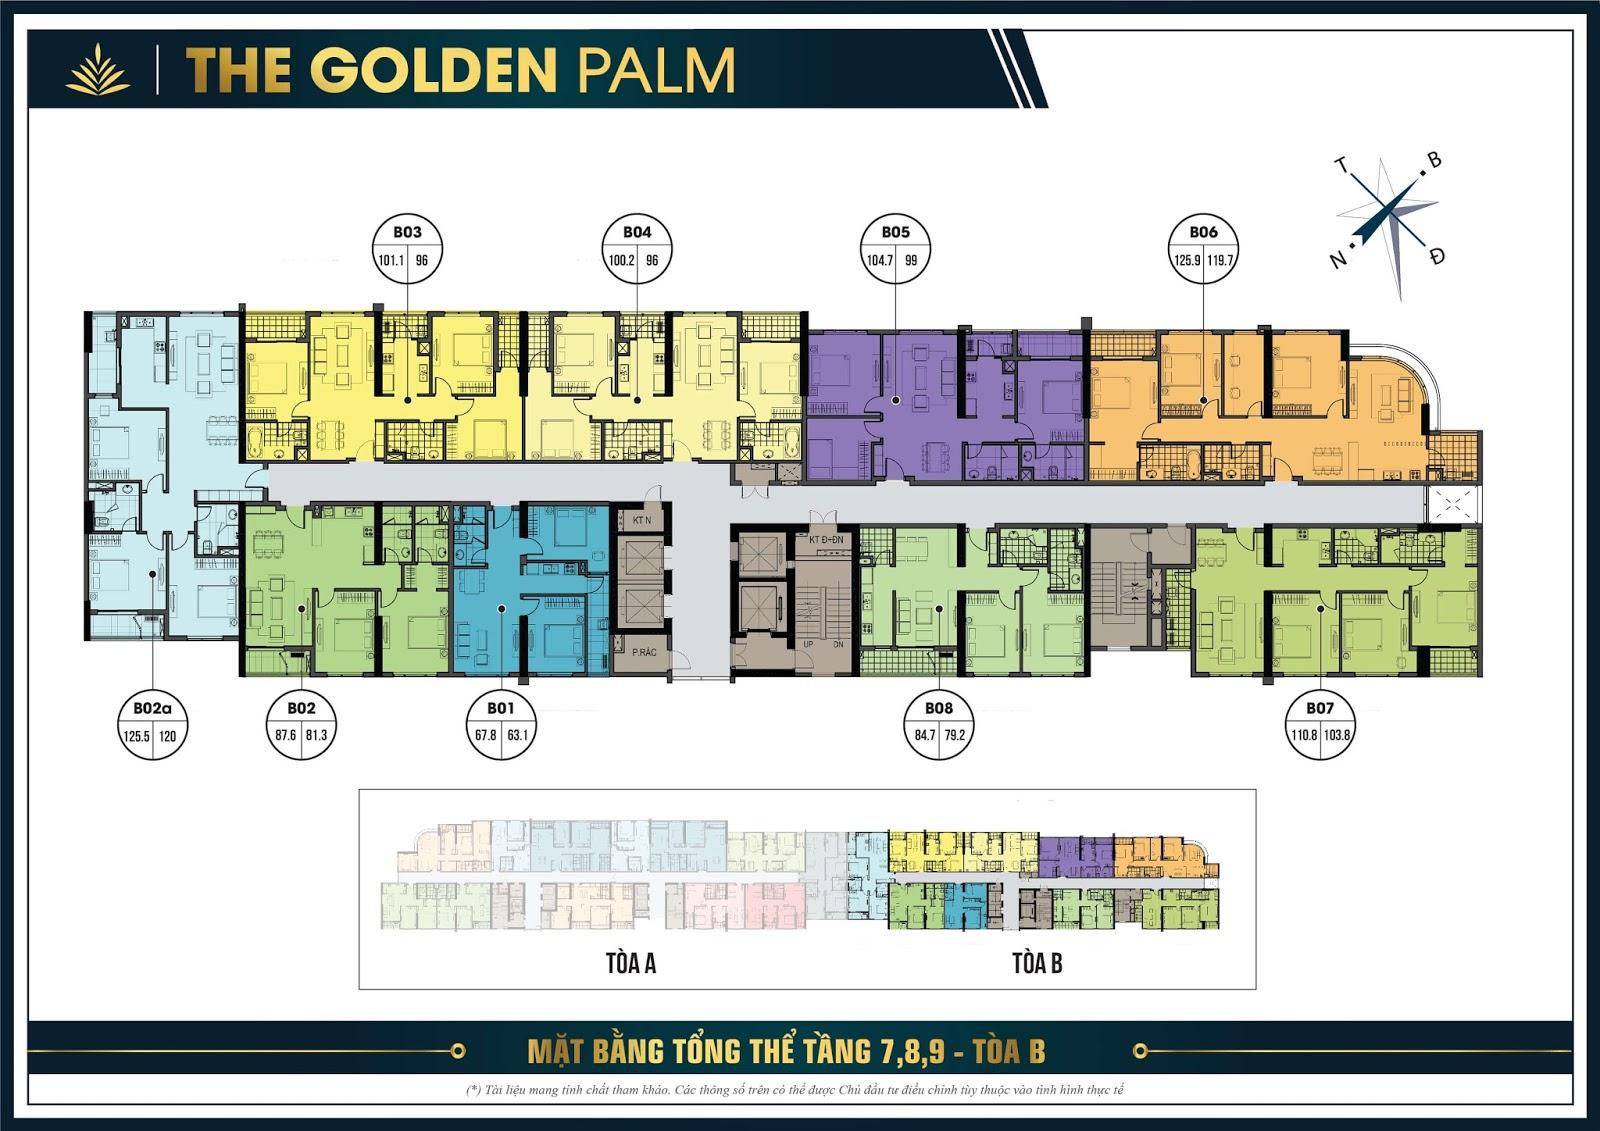 Mặt bằng điển hình tầng 7, 8, 9 tòa B - The Golden Palm